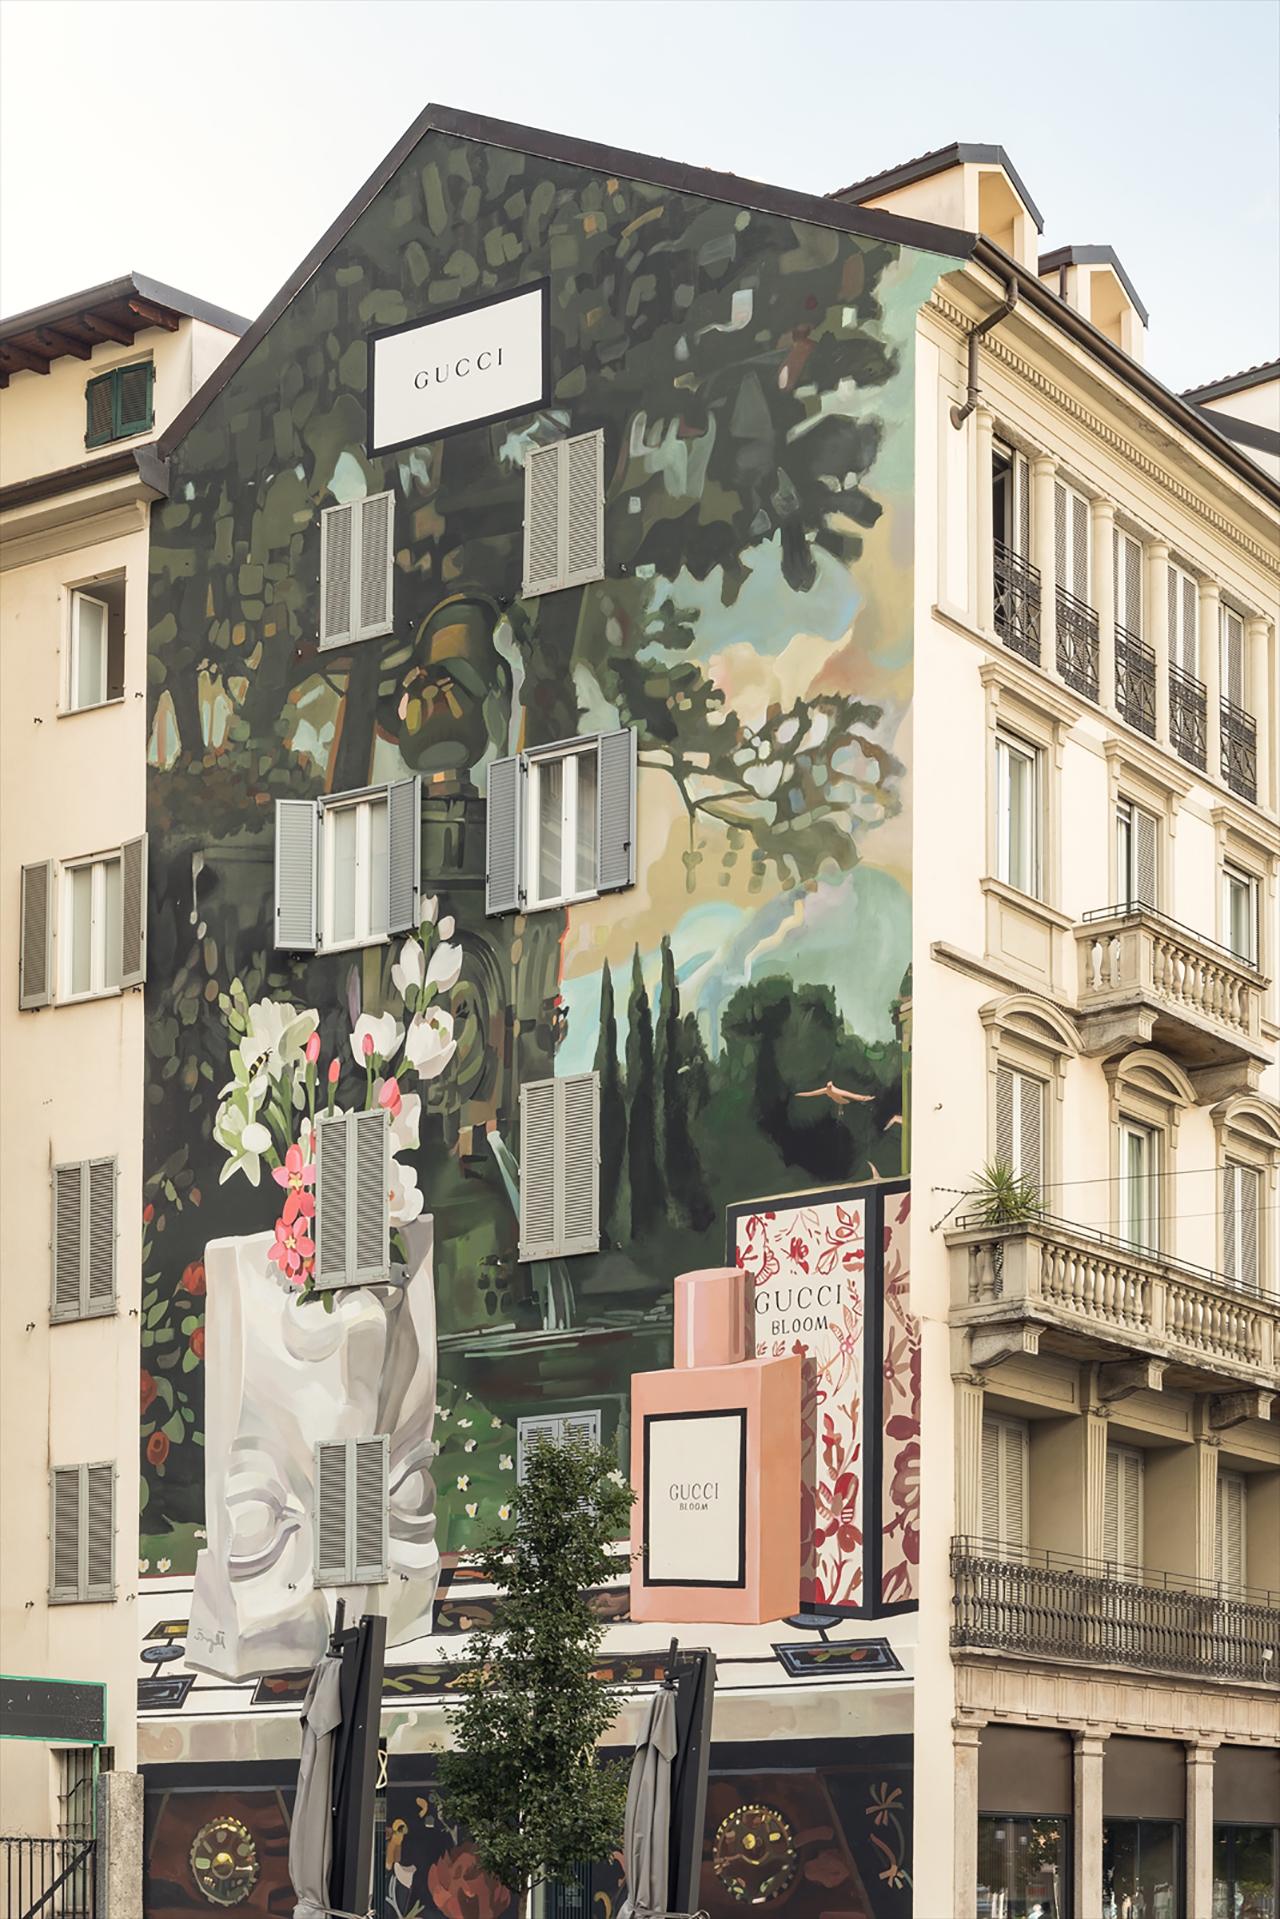 Milan Wall Courtesy of Delfino Sisto Legnani | ©︎ Gucci